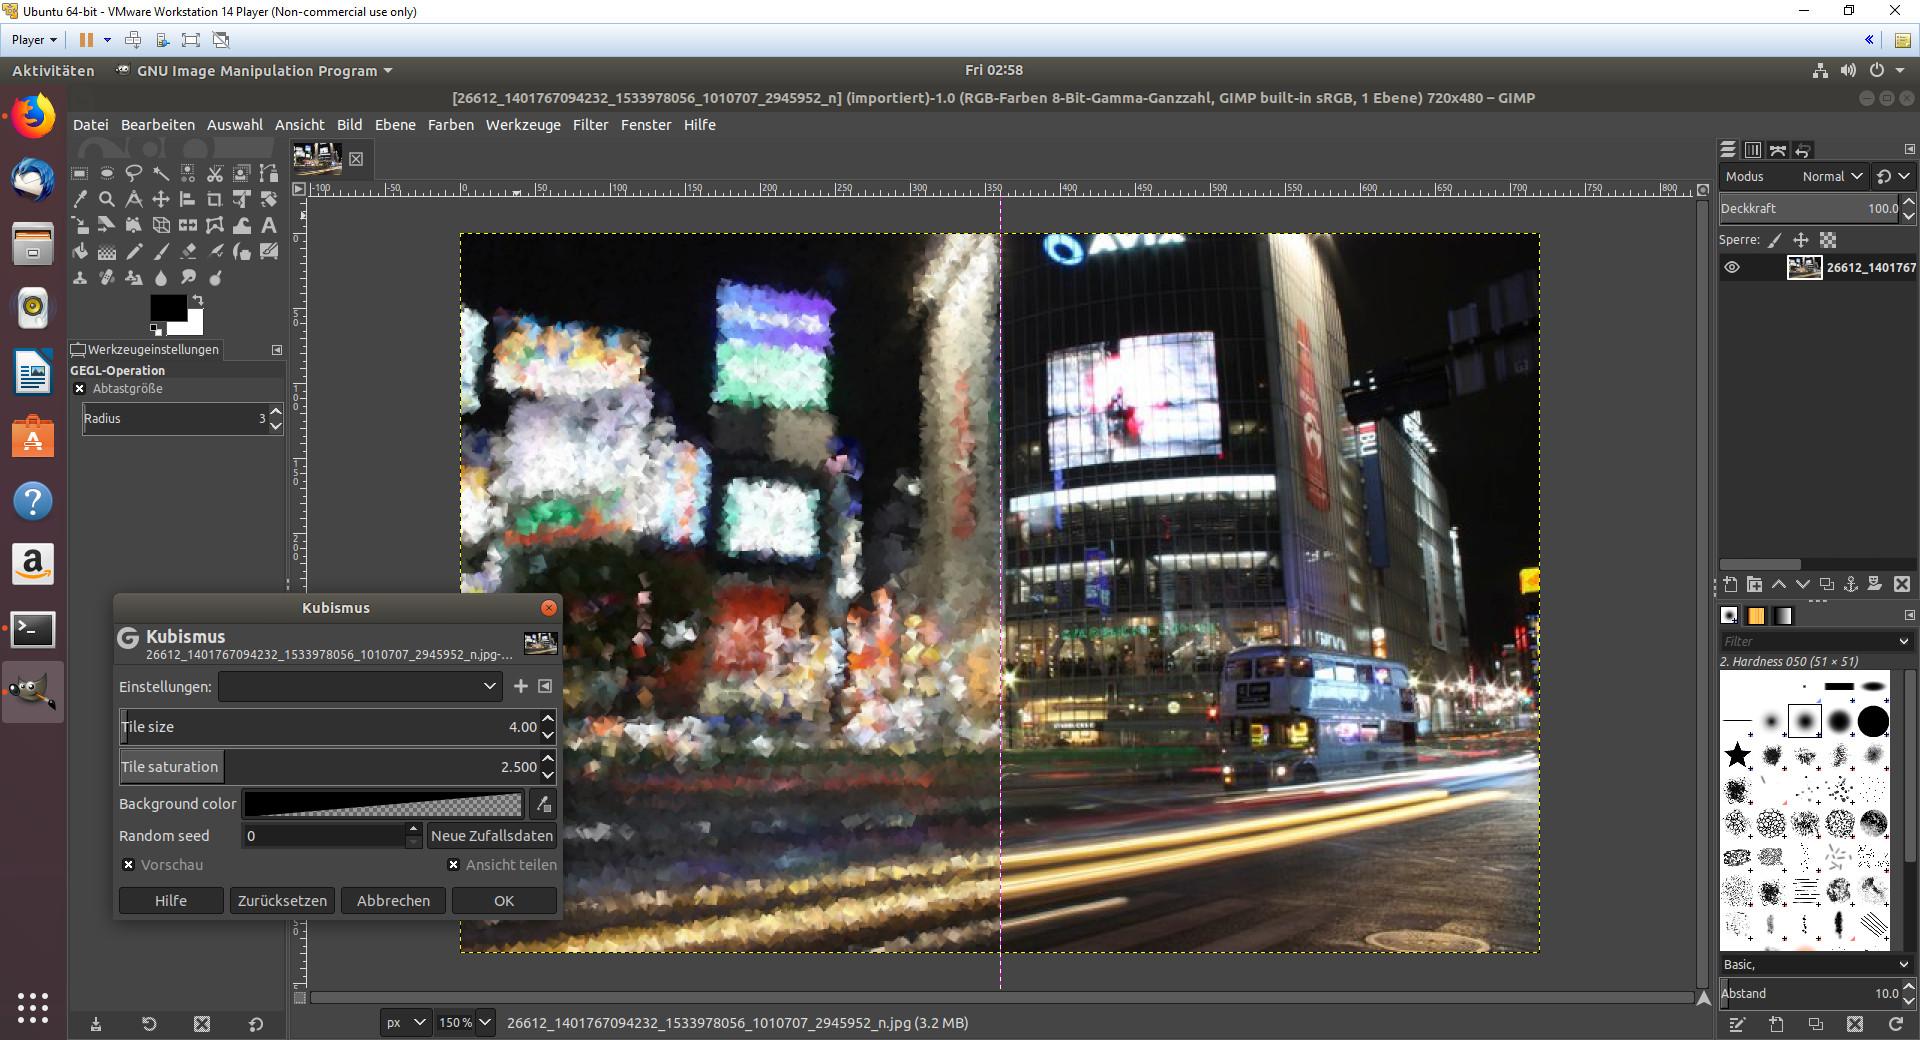 Screenshot 1 - GIMP (Linux)